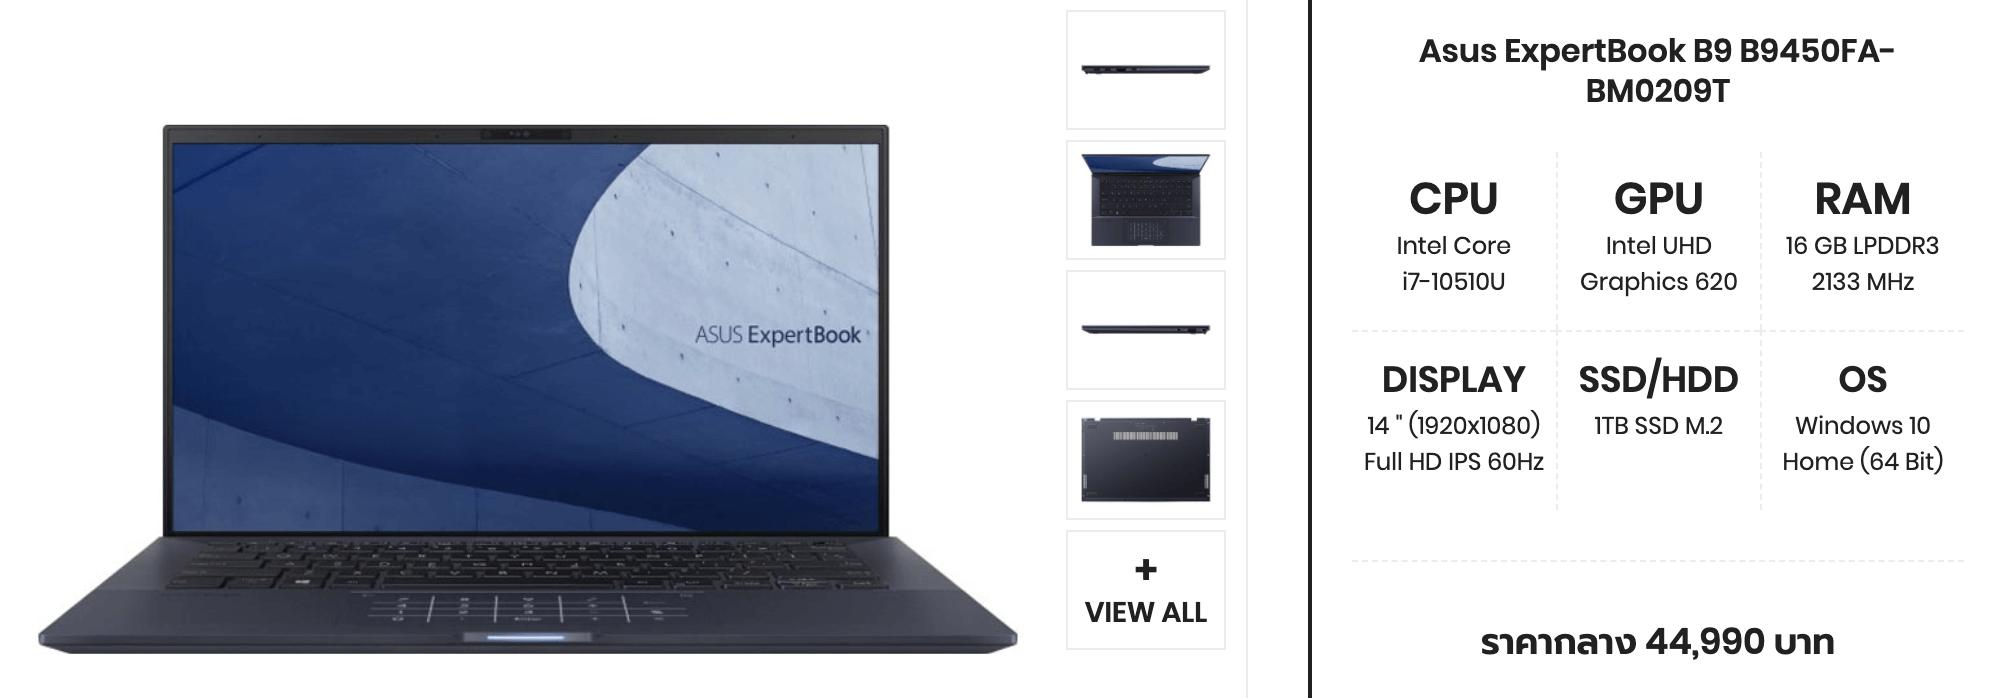 Asus ExpertBook B9 B9450FA BM0209T